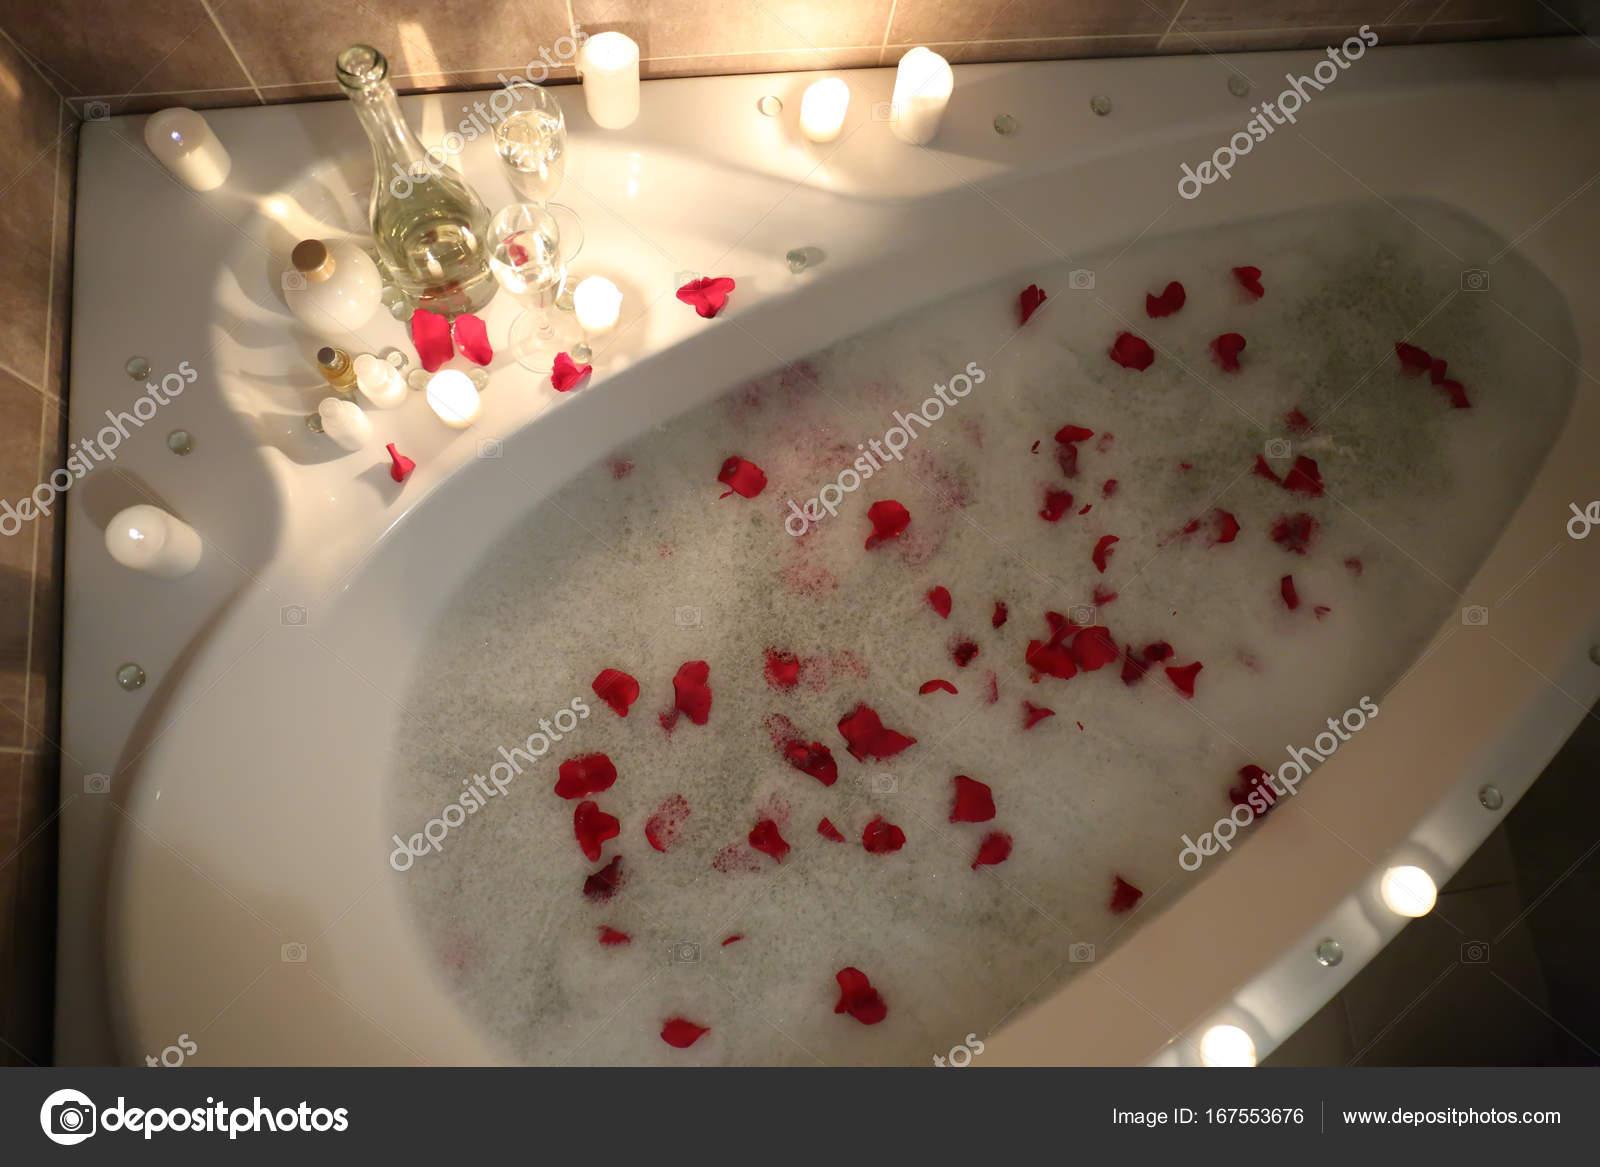 Vasca Da Bagno Espanol : Vasca da bagno con schiuma e petali di rosa u2014 foto stock